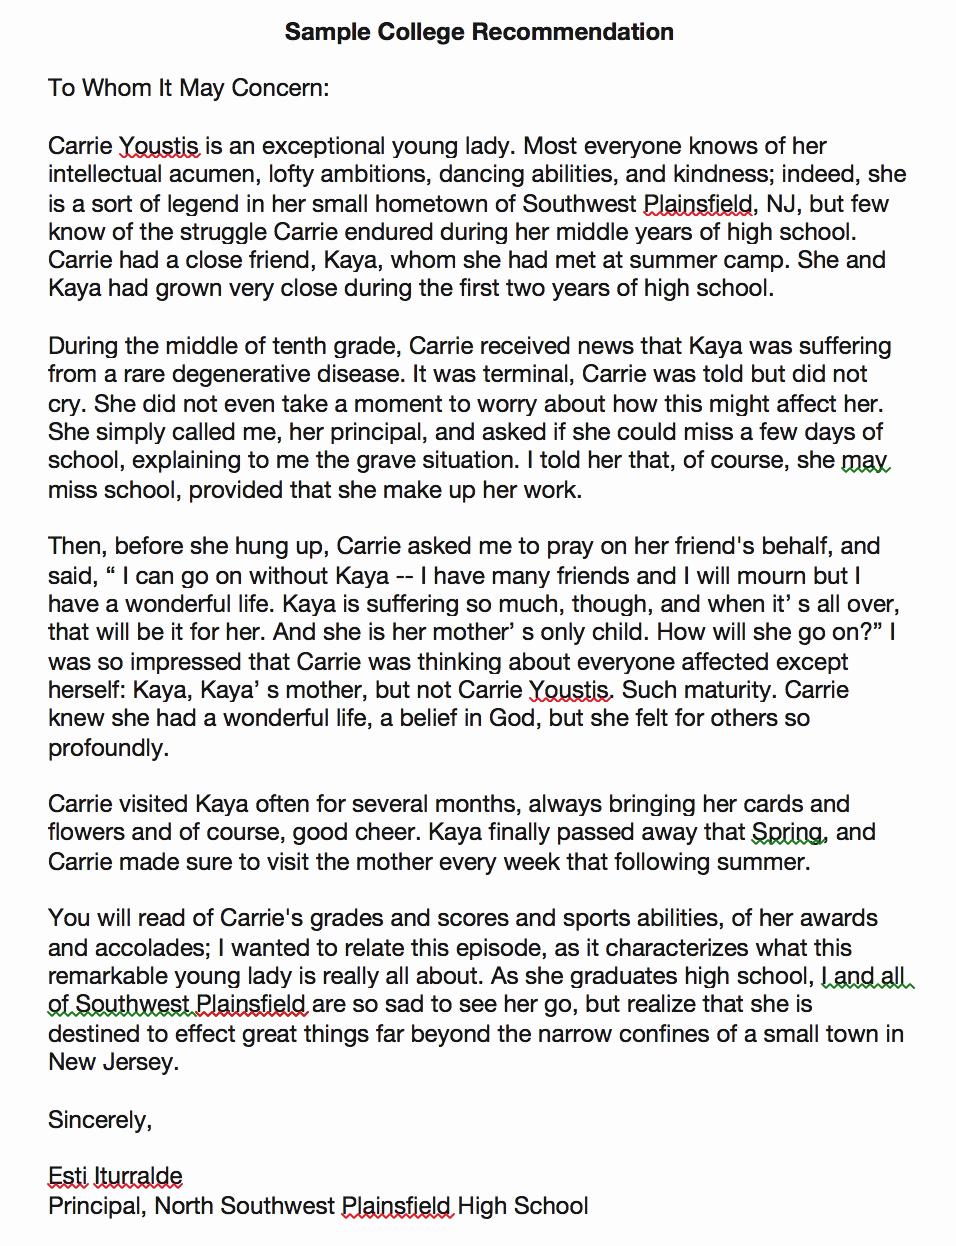 Sample College Recommendation Letter Unique Download College Re Mendation Letter Template and Sample